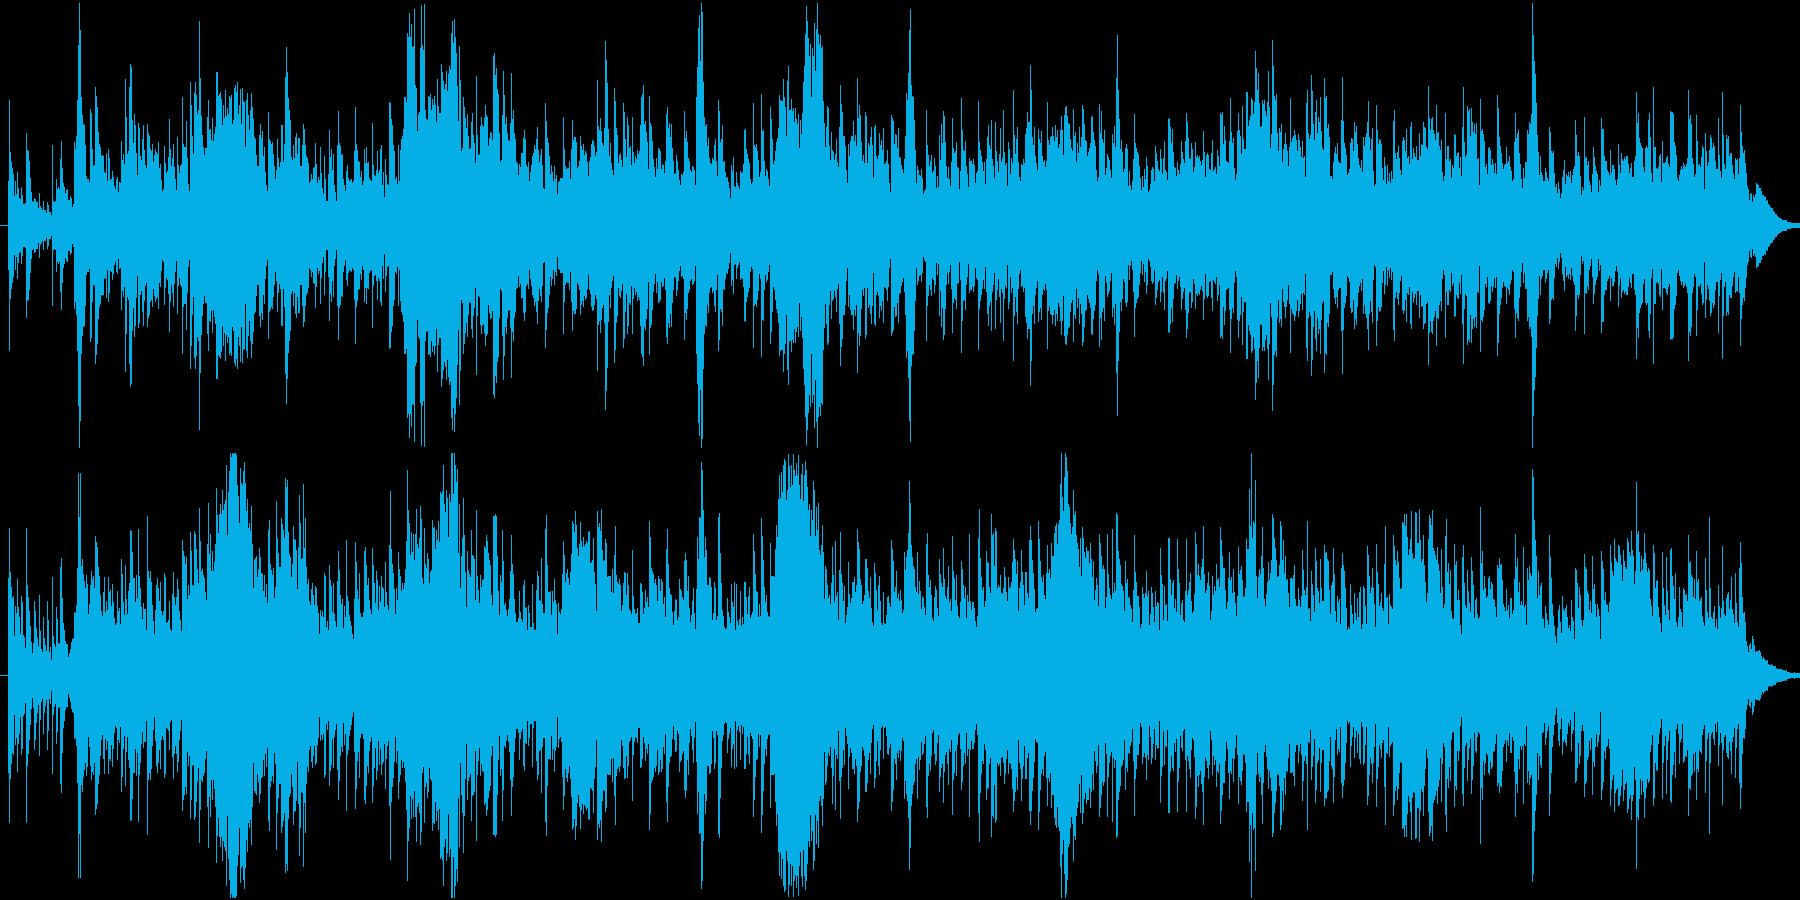 エキゾチックなアンビエント系BGMの再生済みの波形